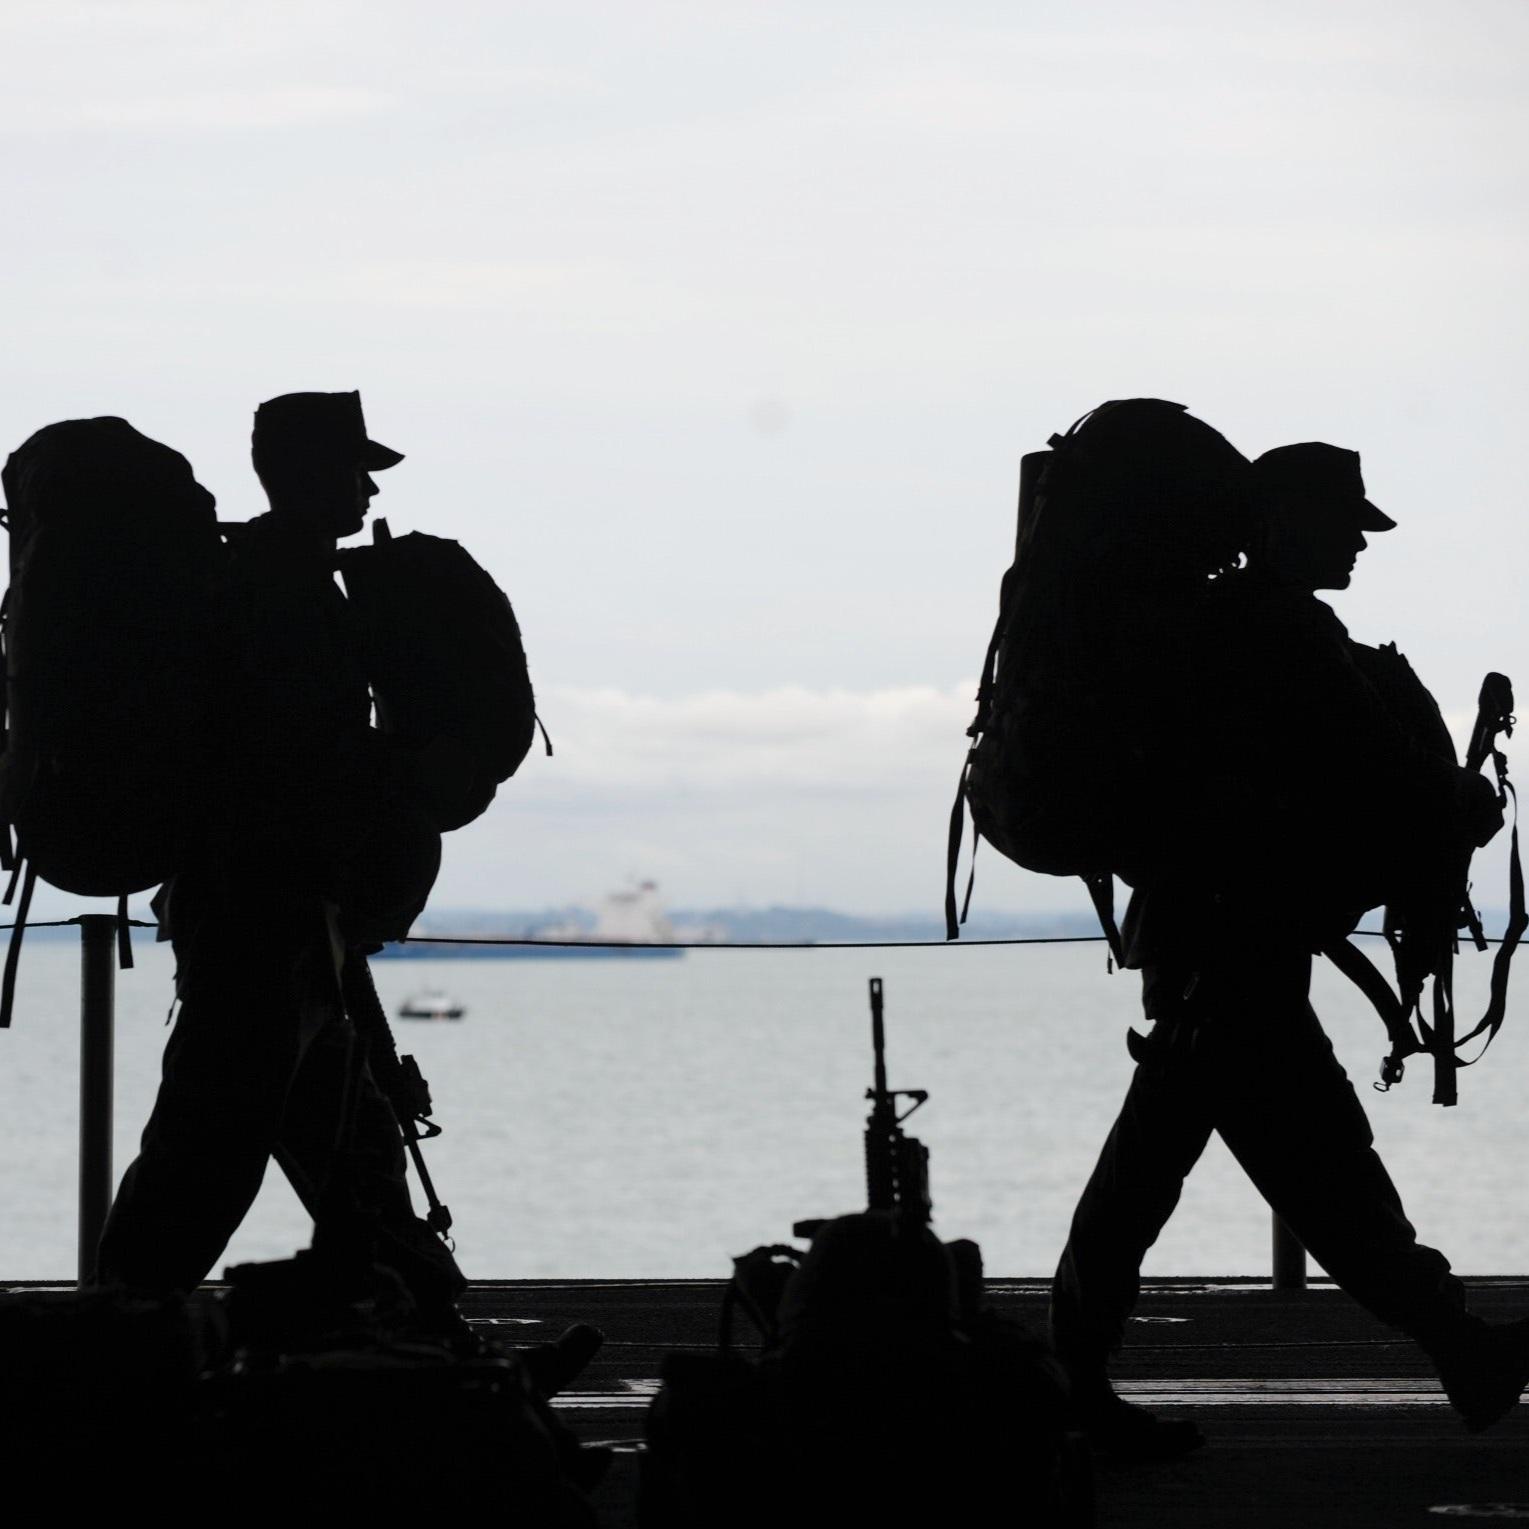 military-people-sea-40820.jpg